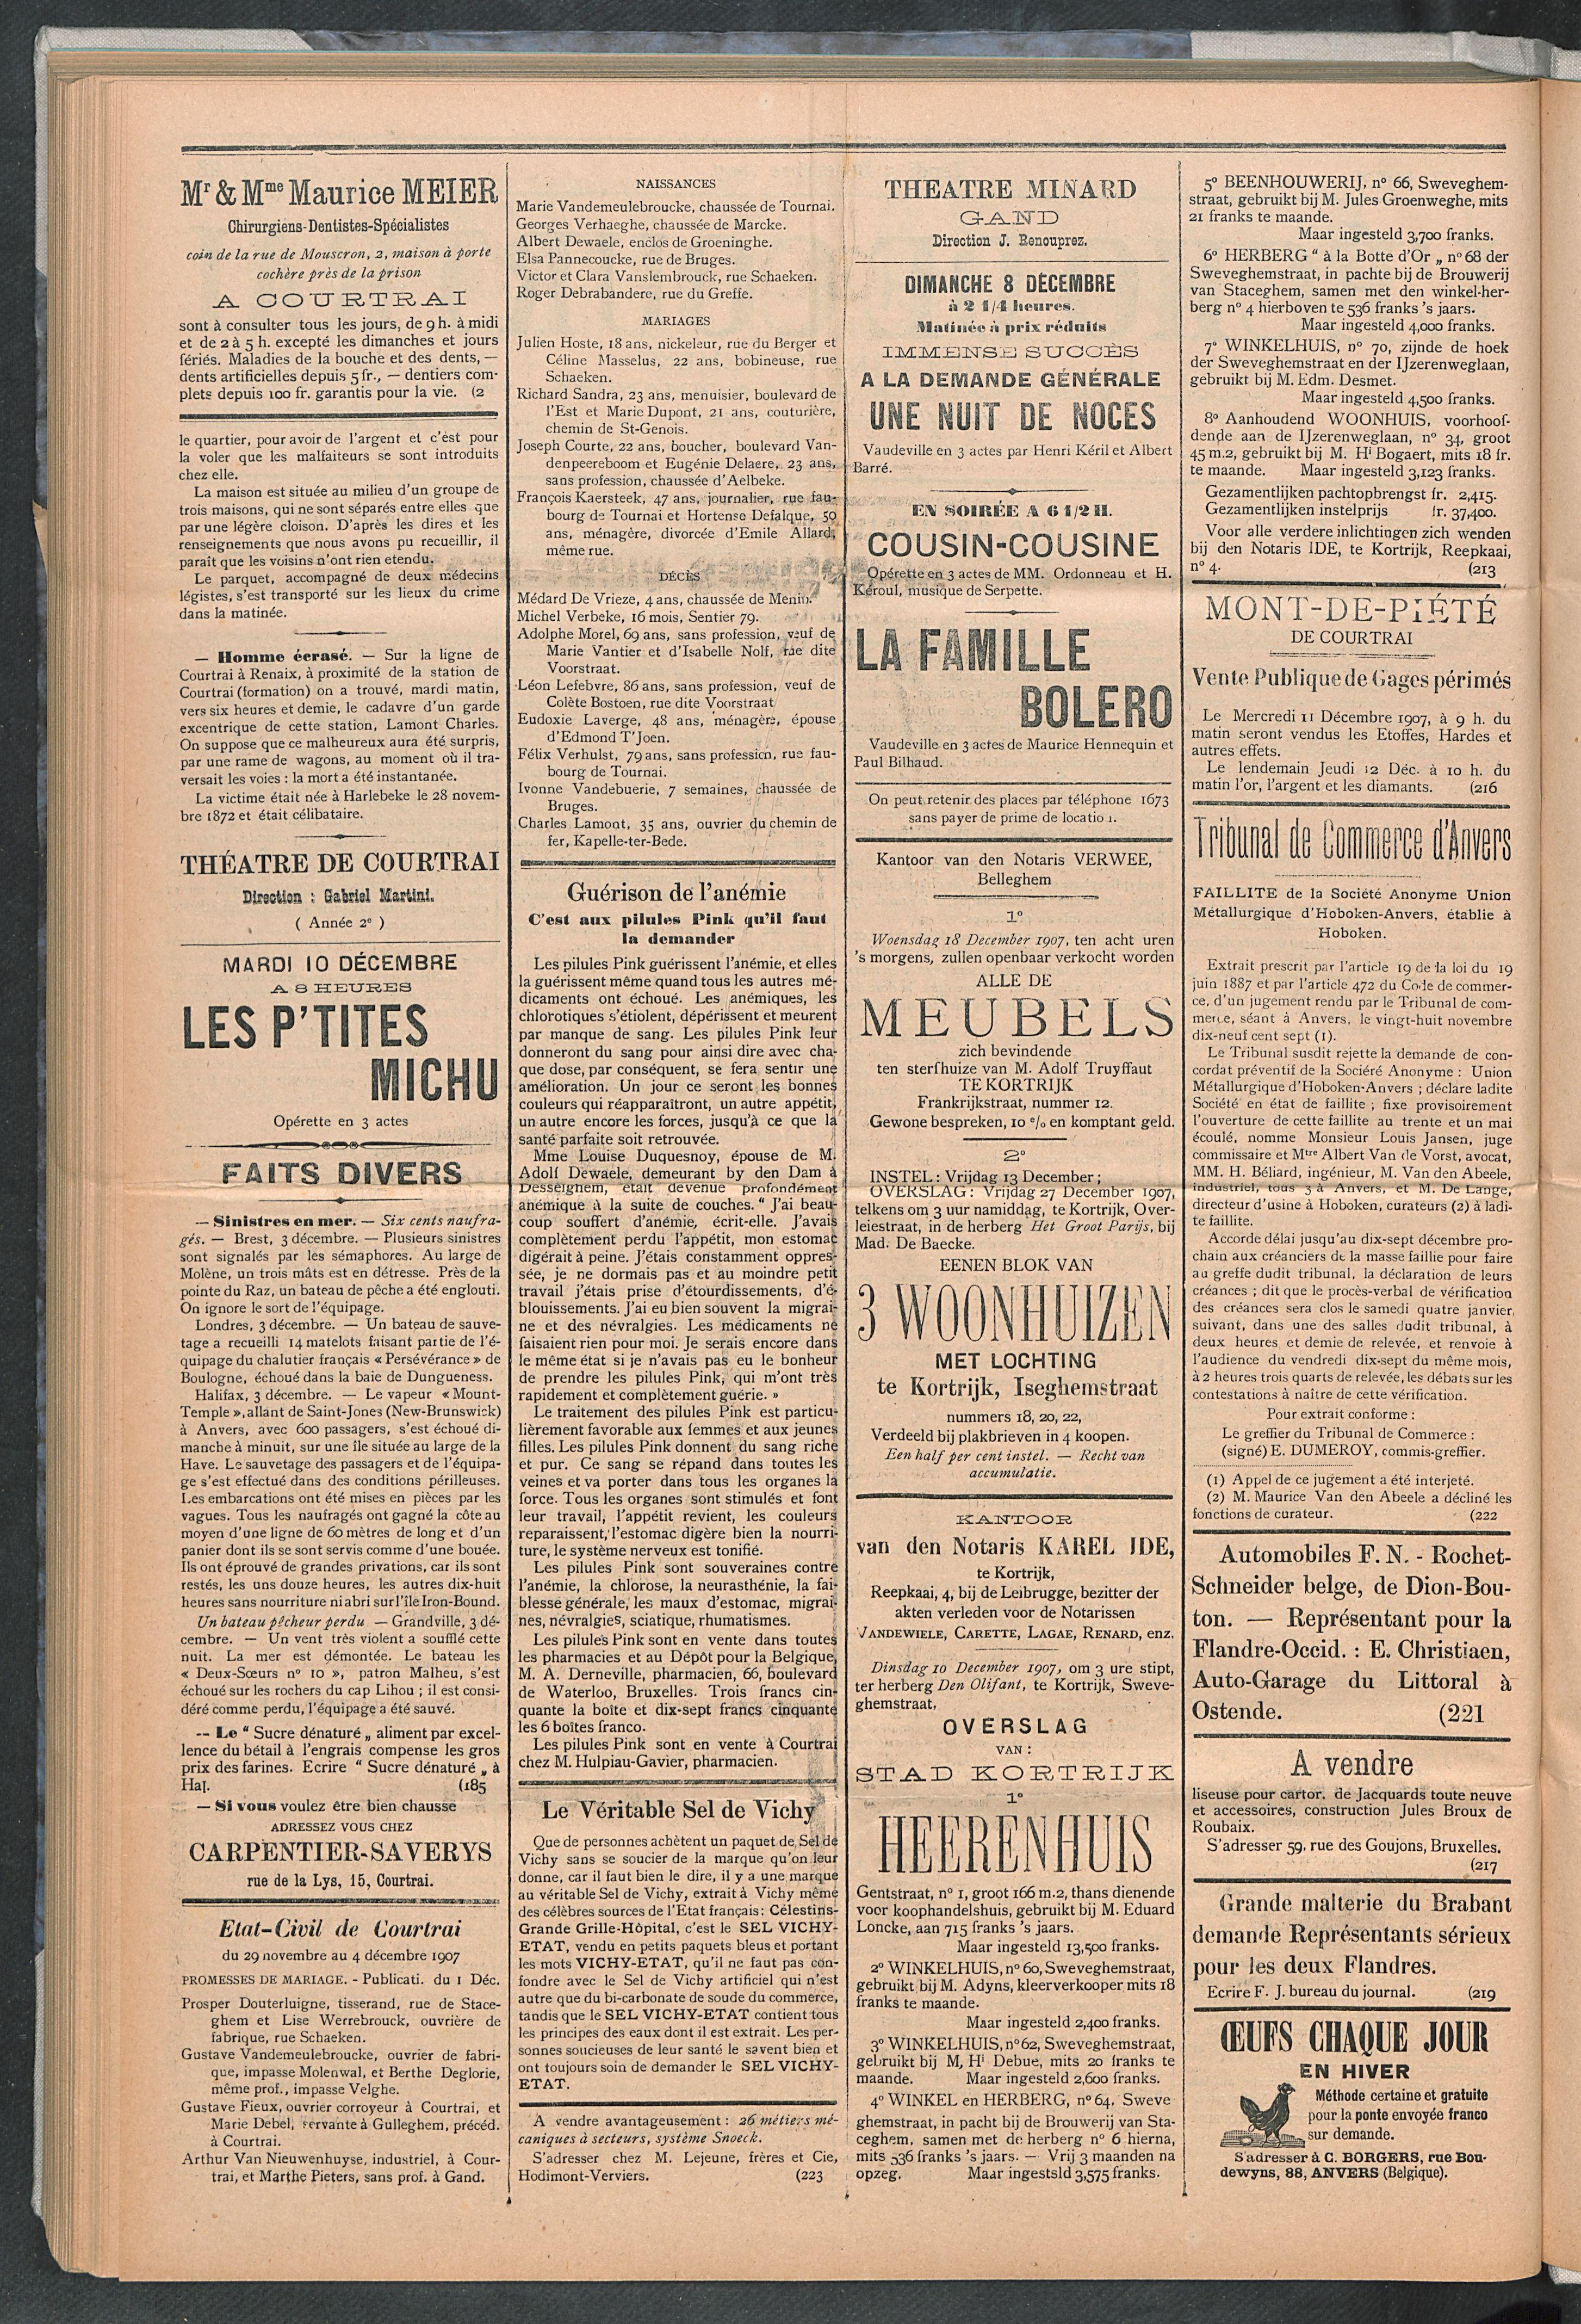 L'echo De Courtrai 1907-12-05 p2